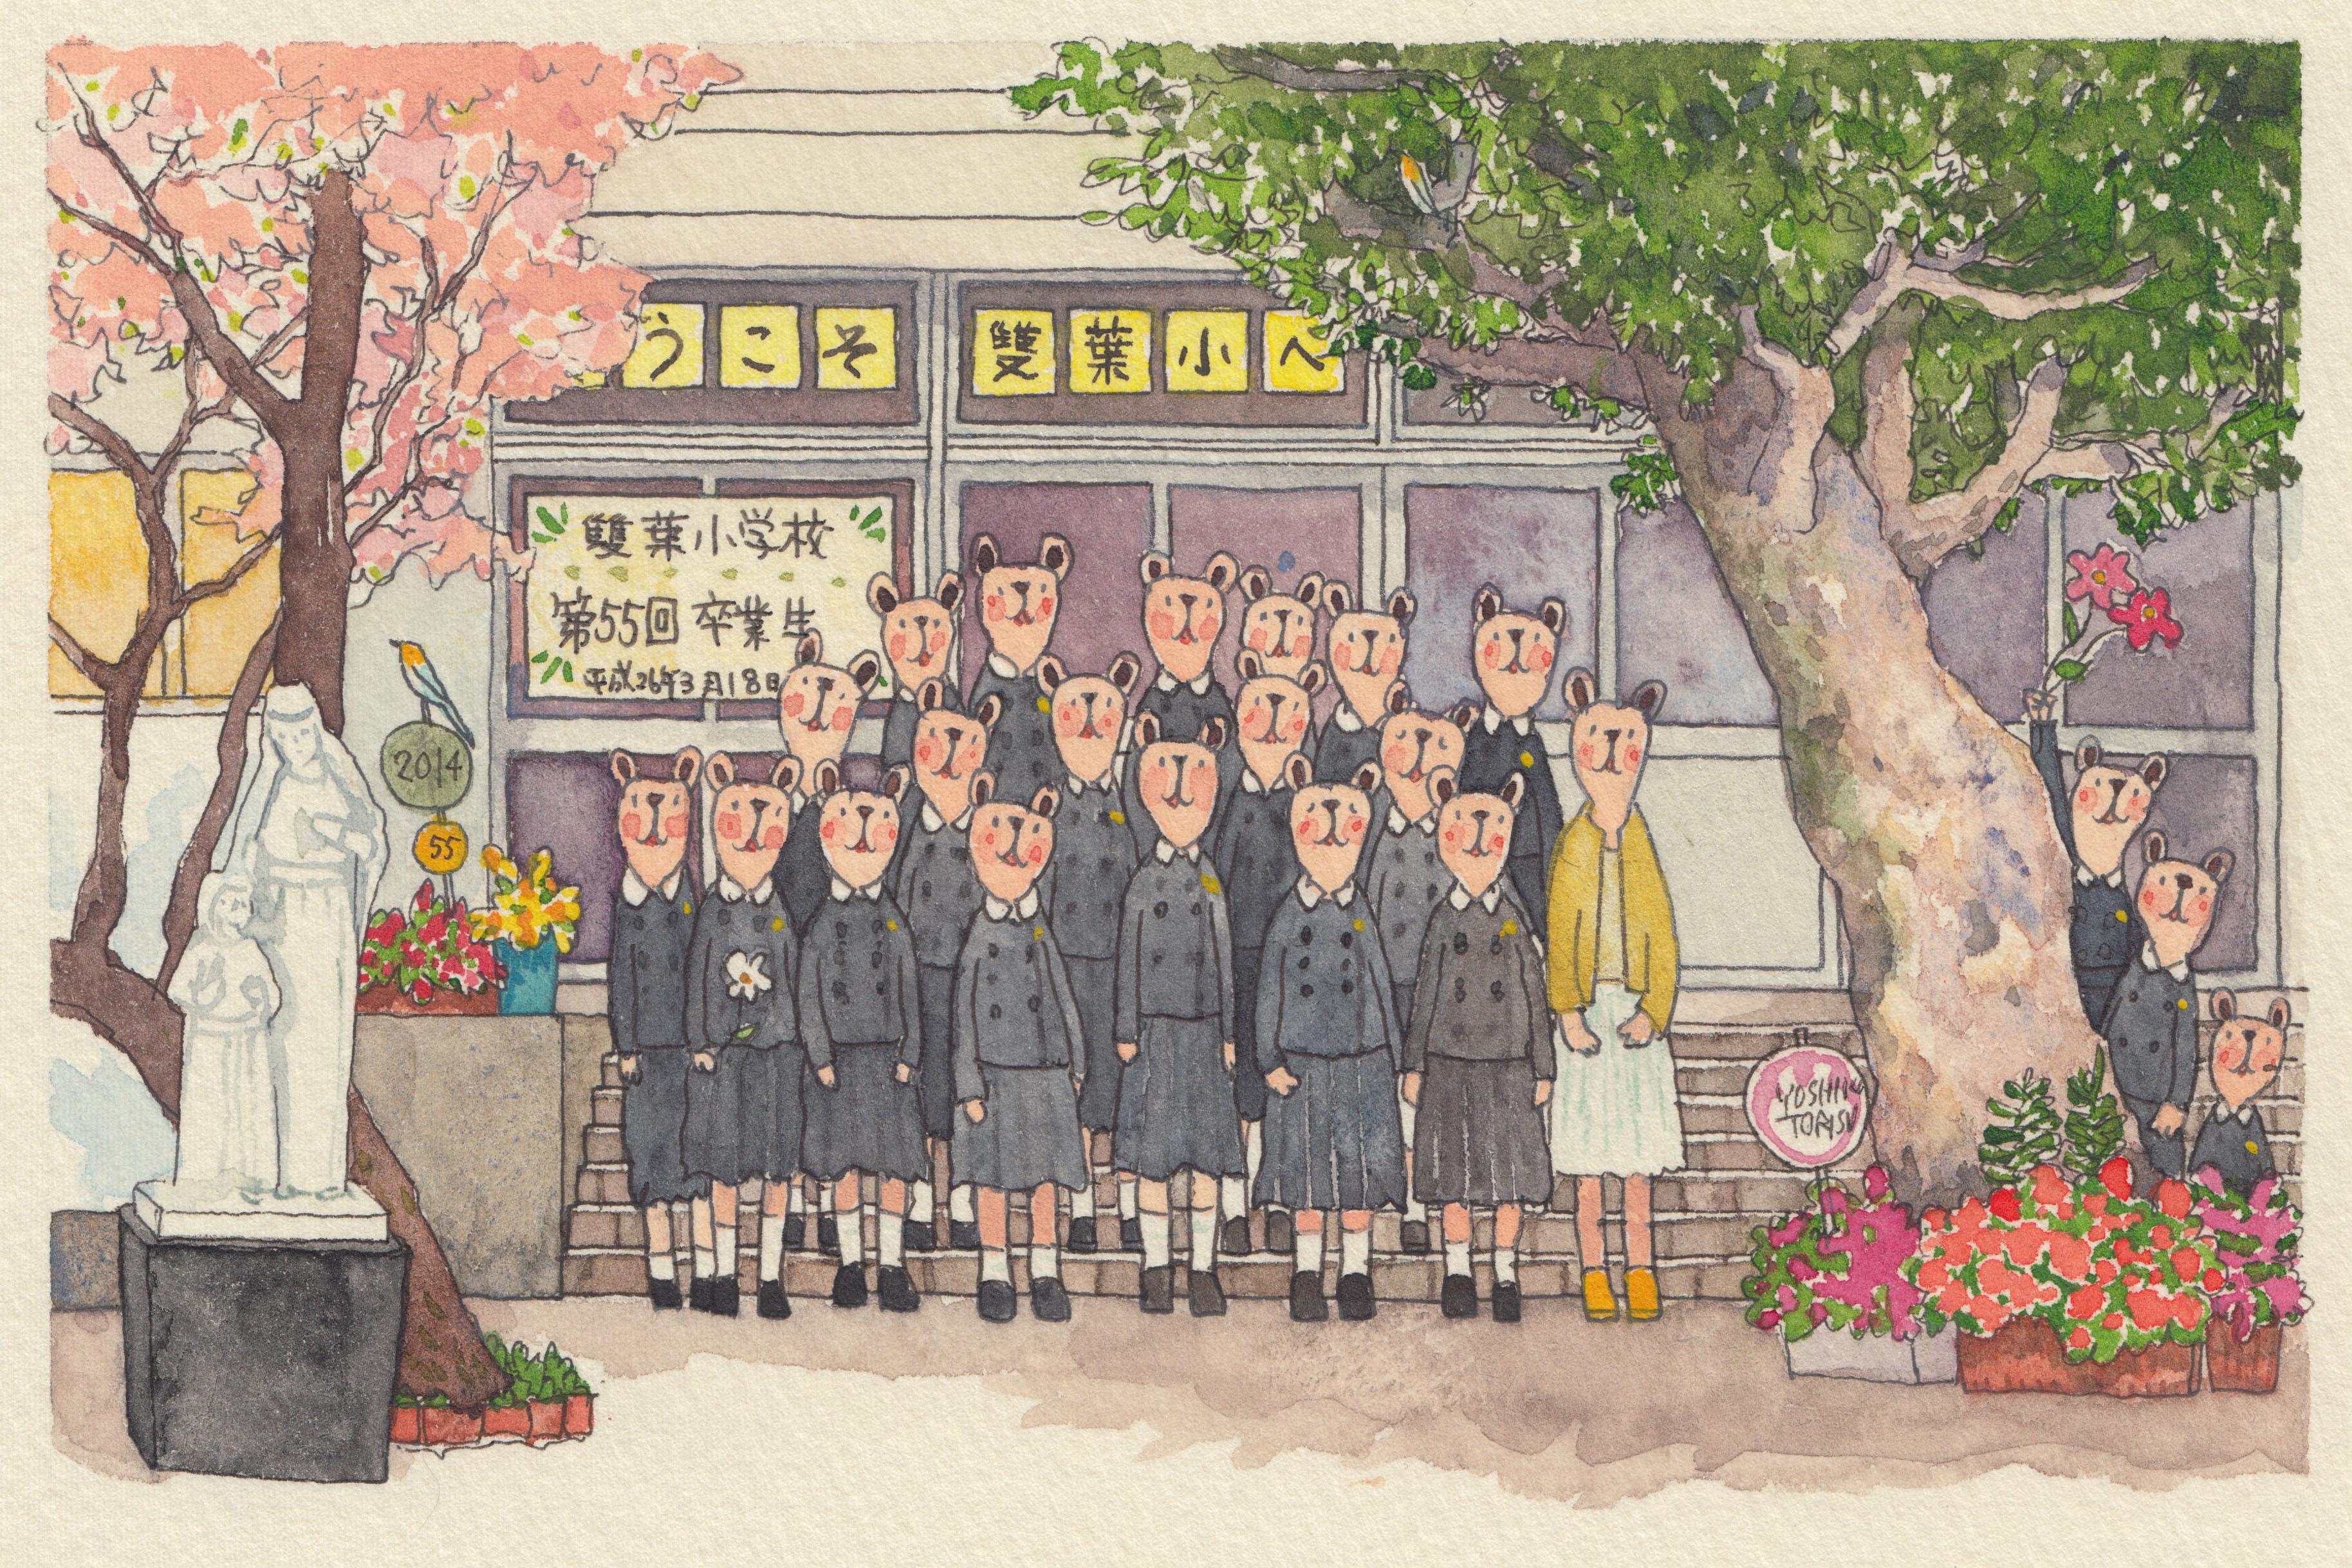 福岡雙葉学園